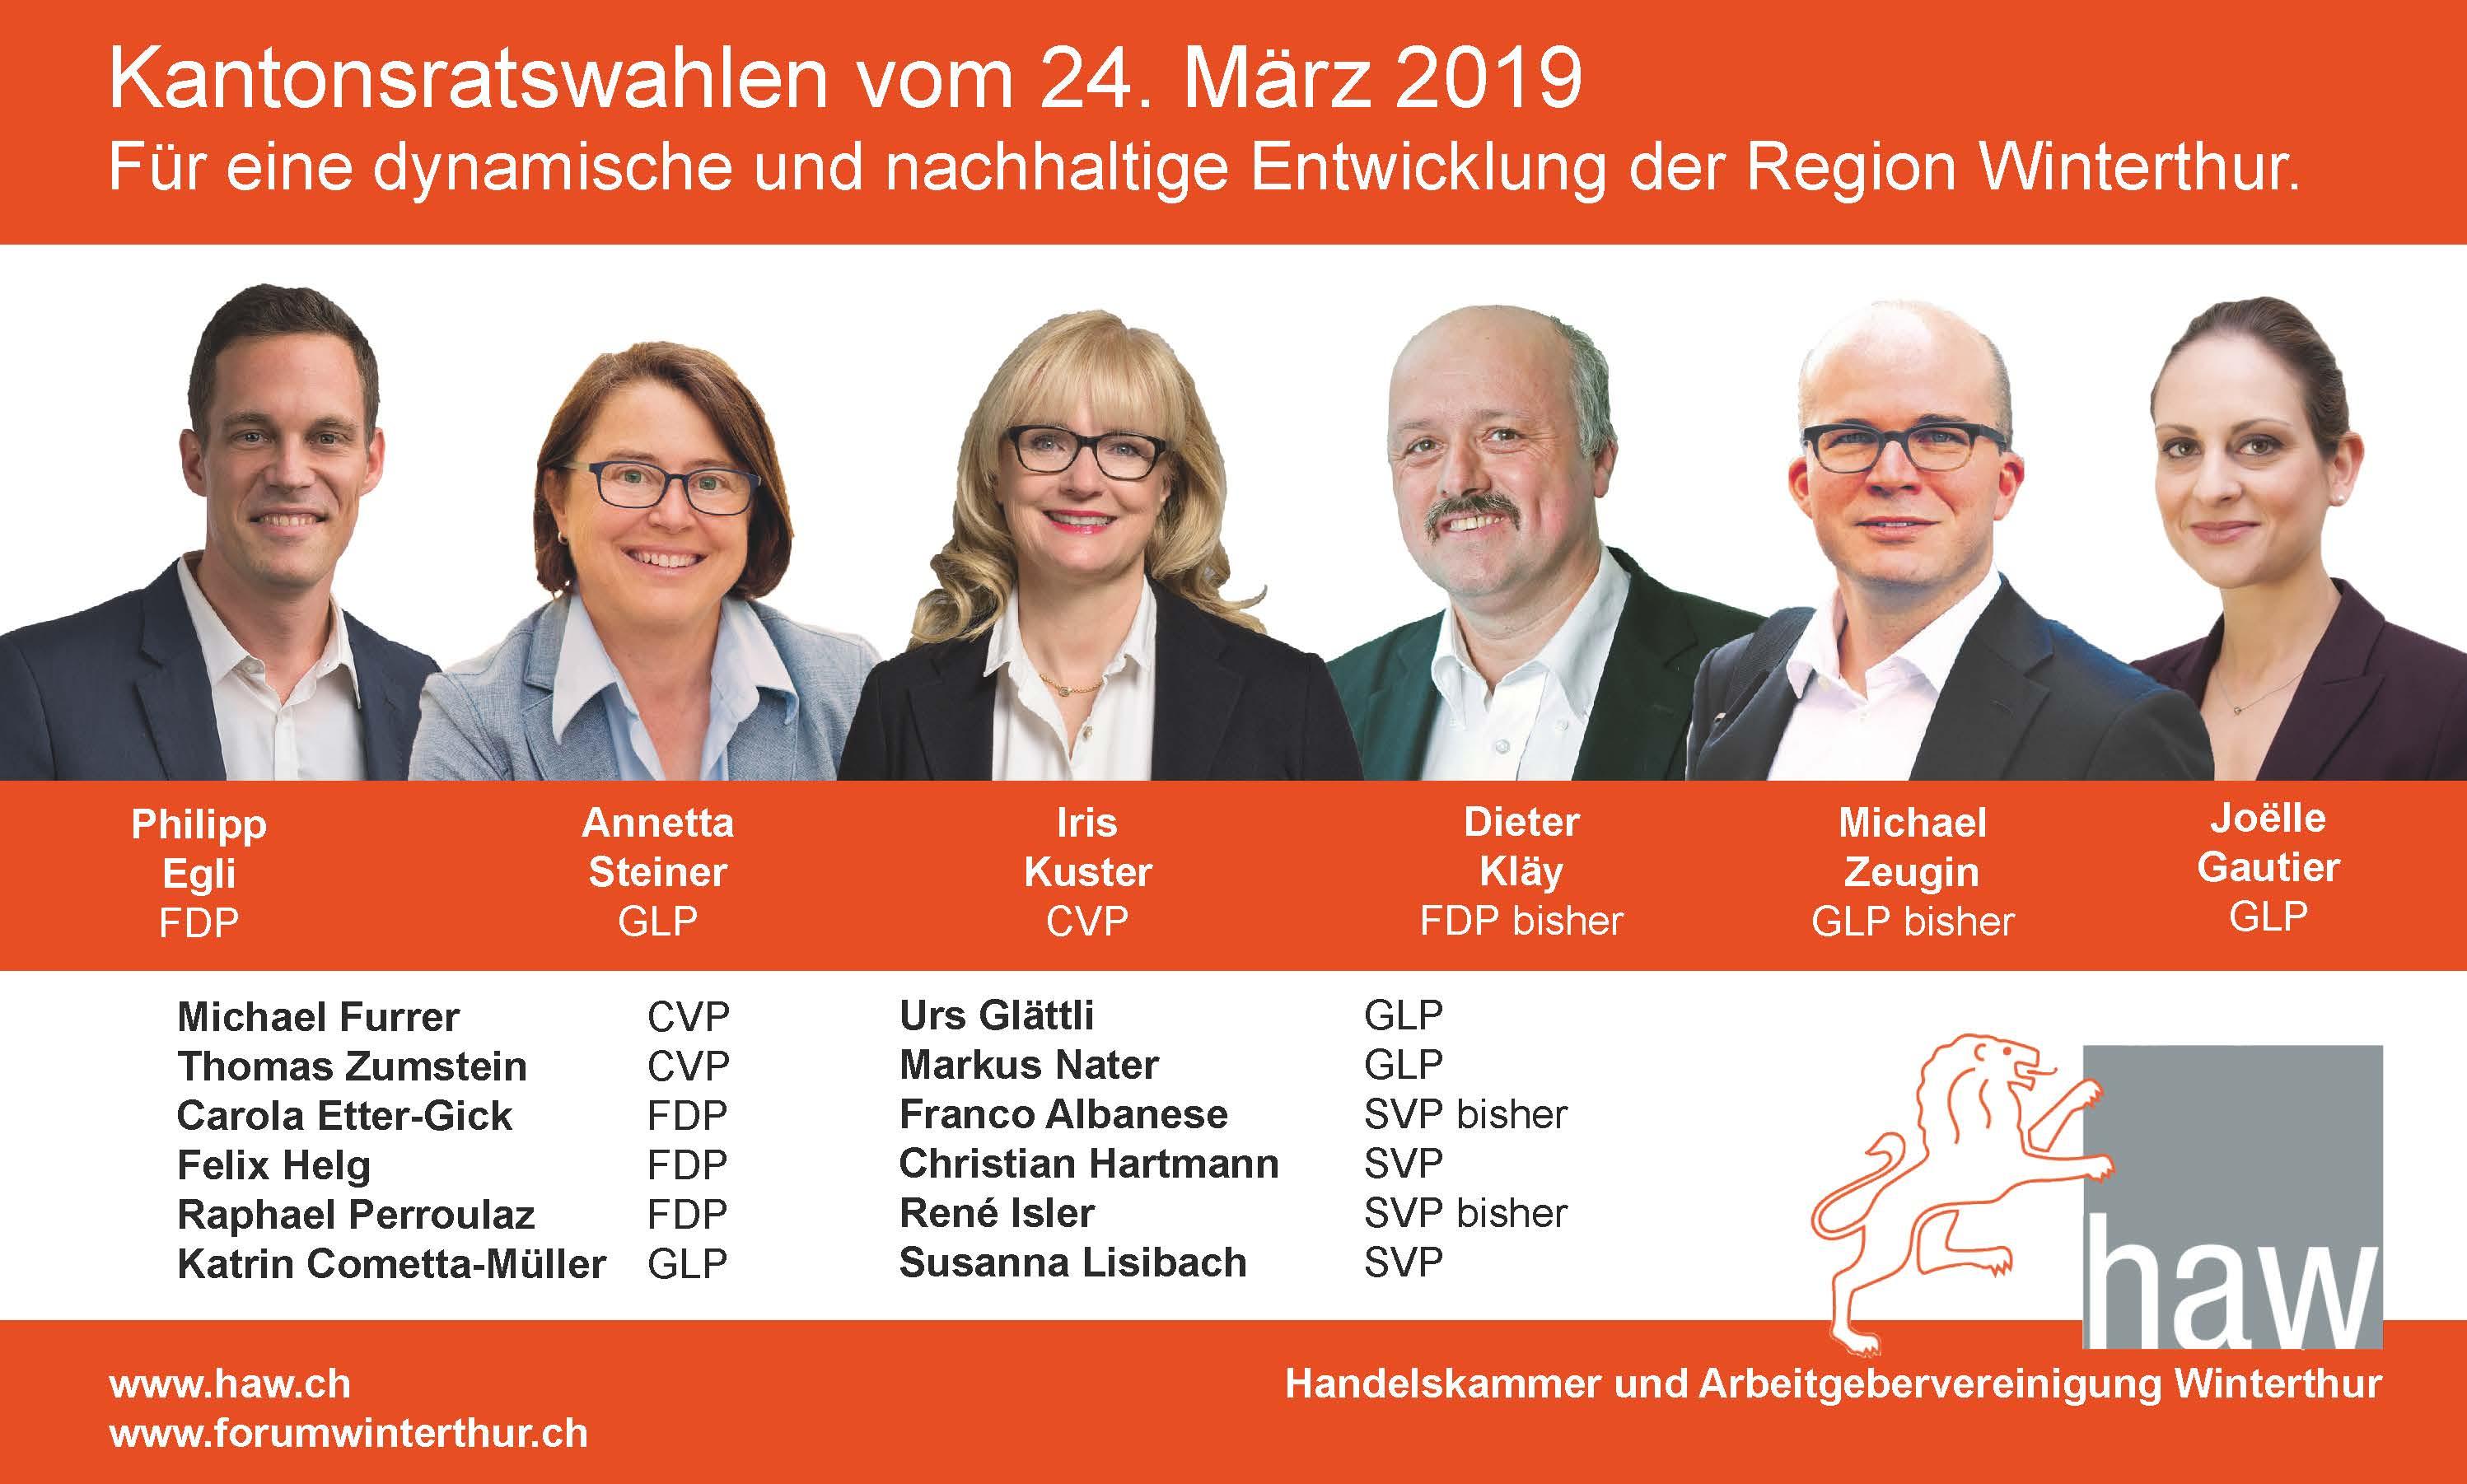 Kantonsratswahlen 2019: Für eine dynamische und nachhaltige Entwicklung der Region Winterthur - Wahlempfehlungen der HAW